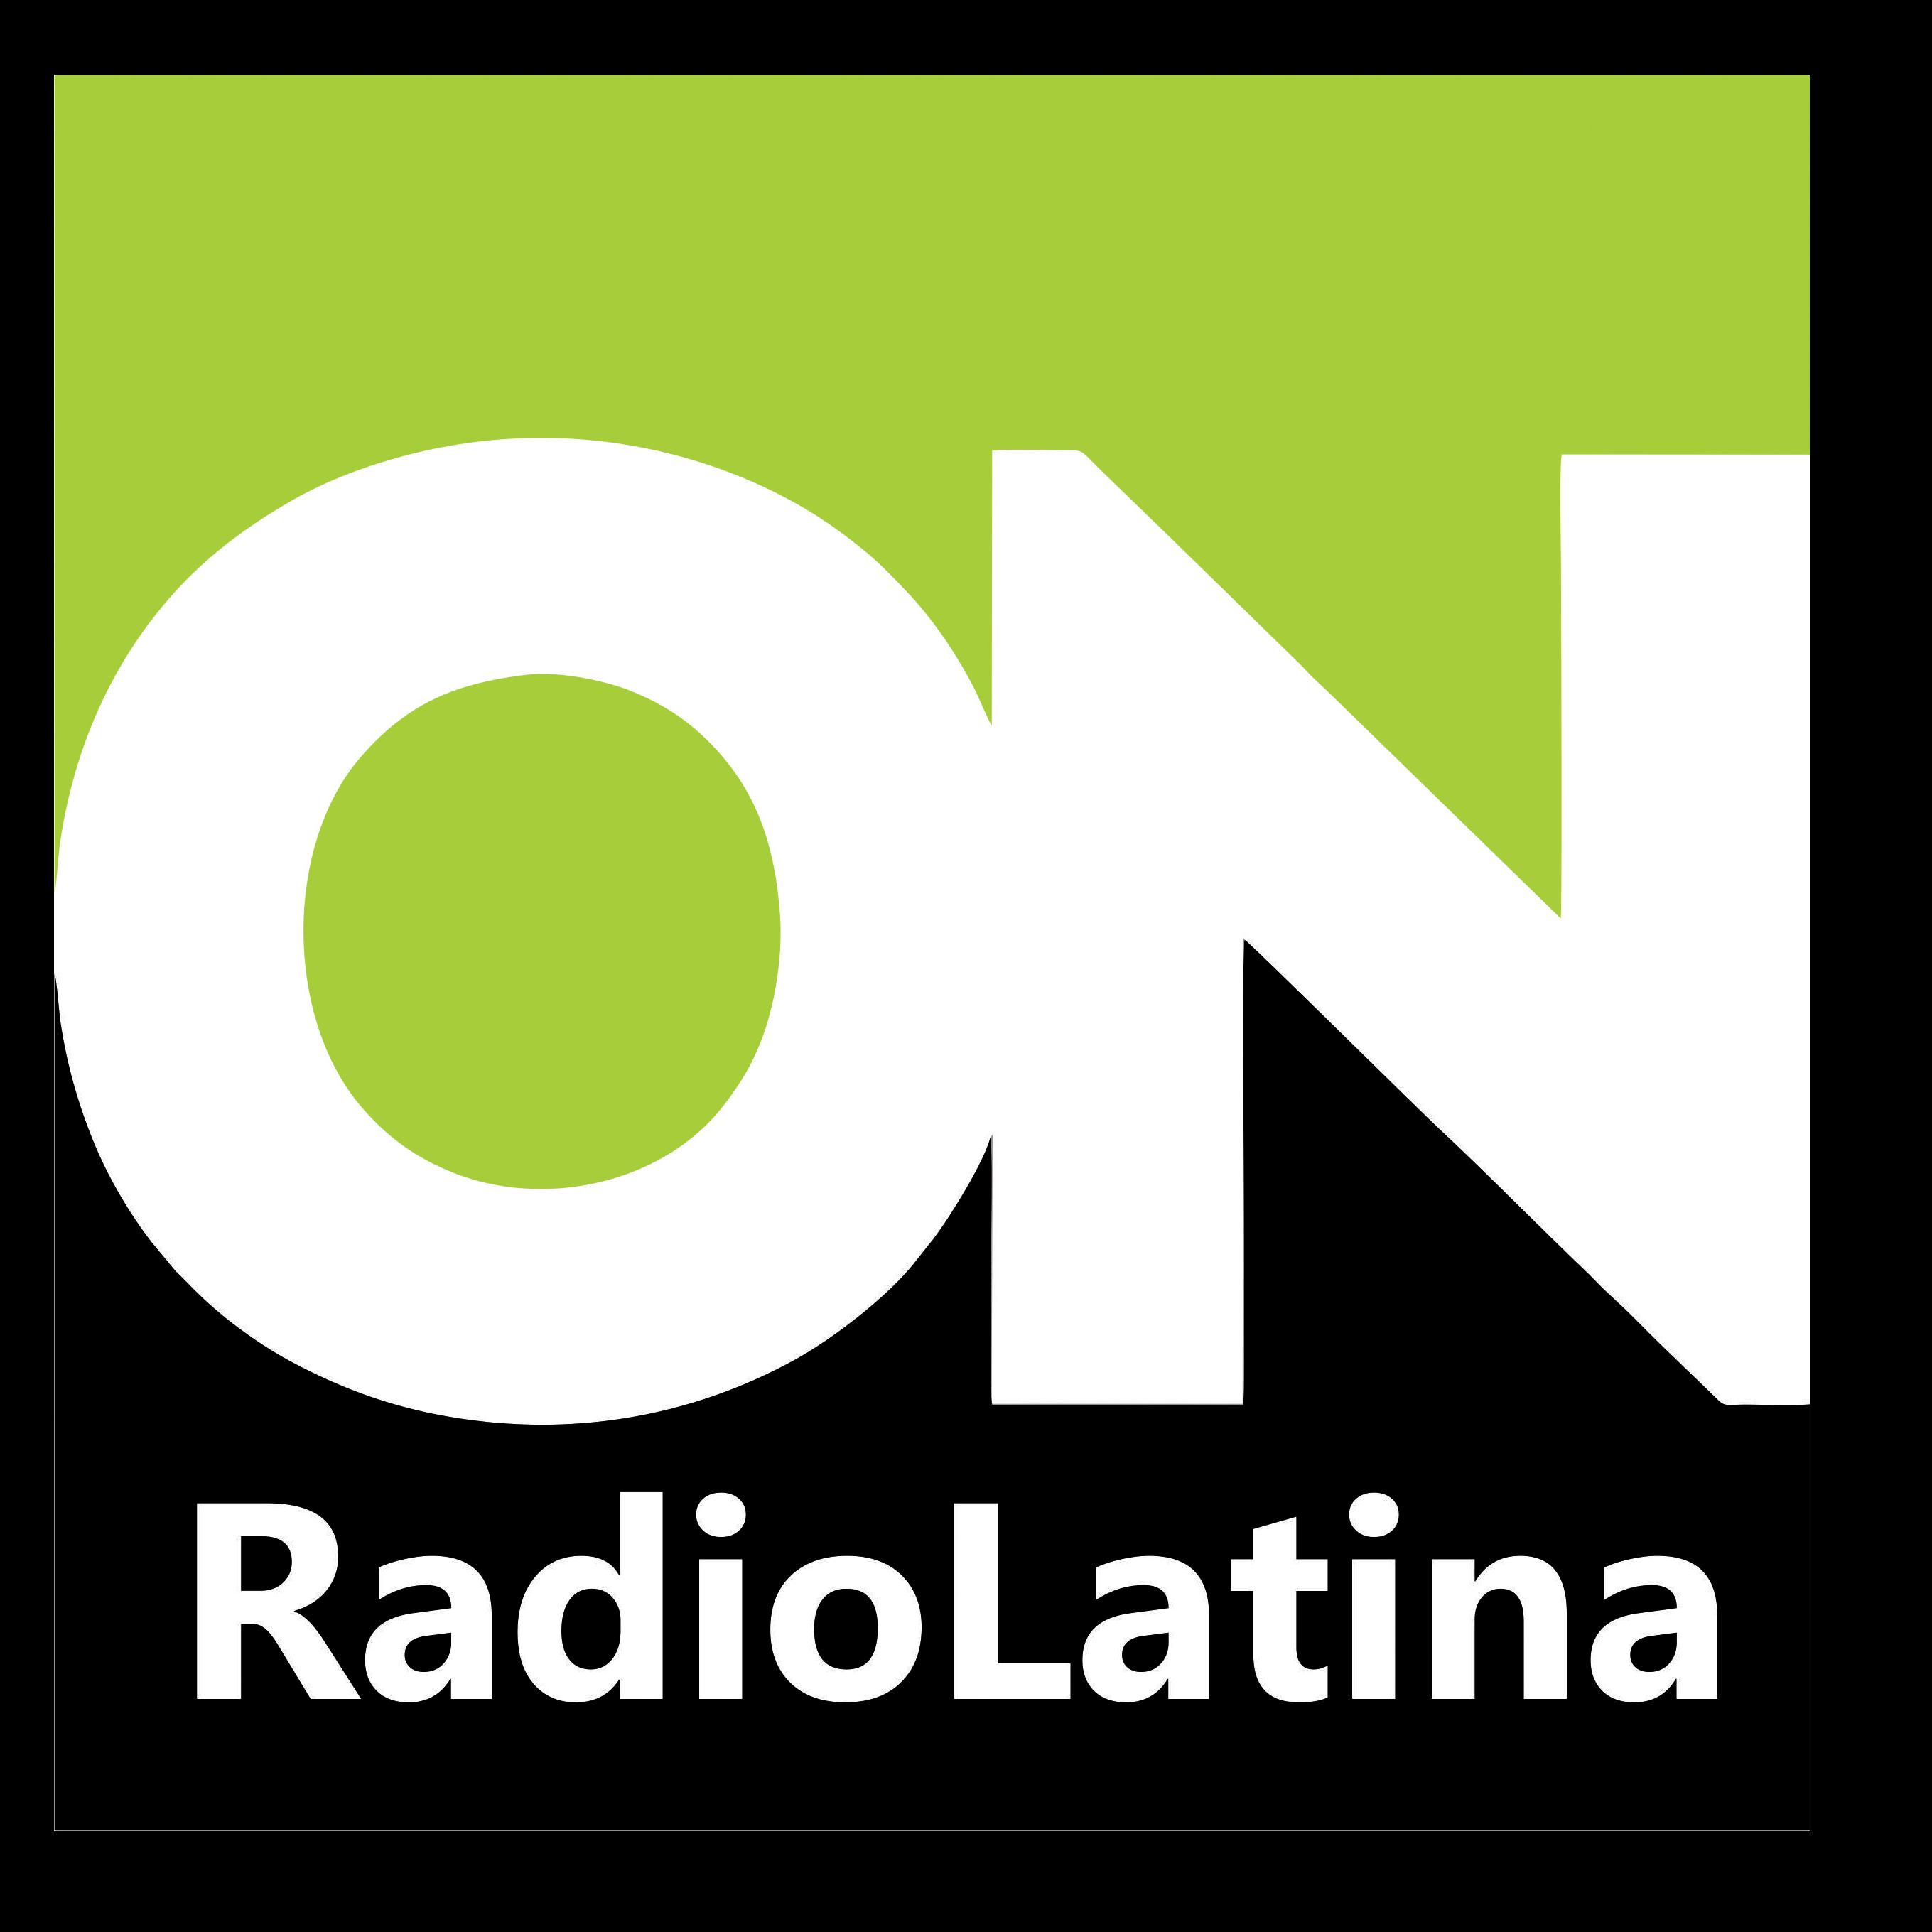 OnRadioLatina